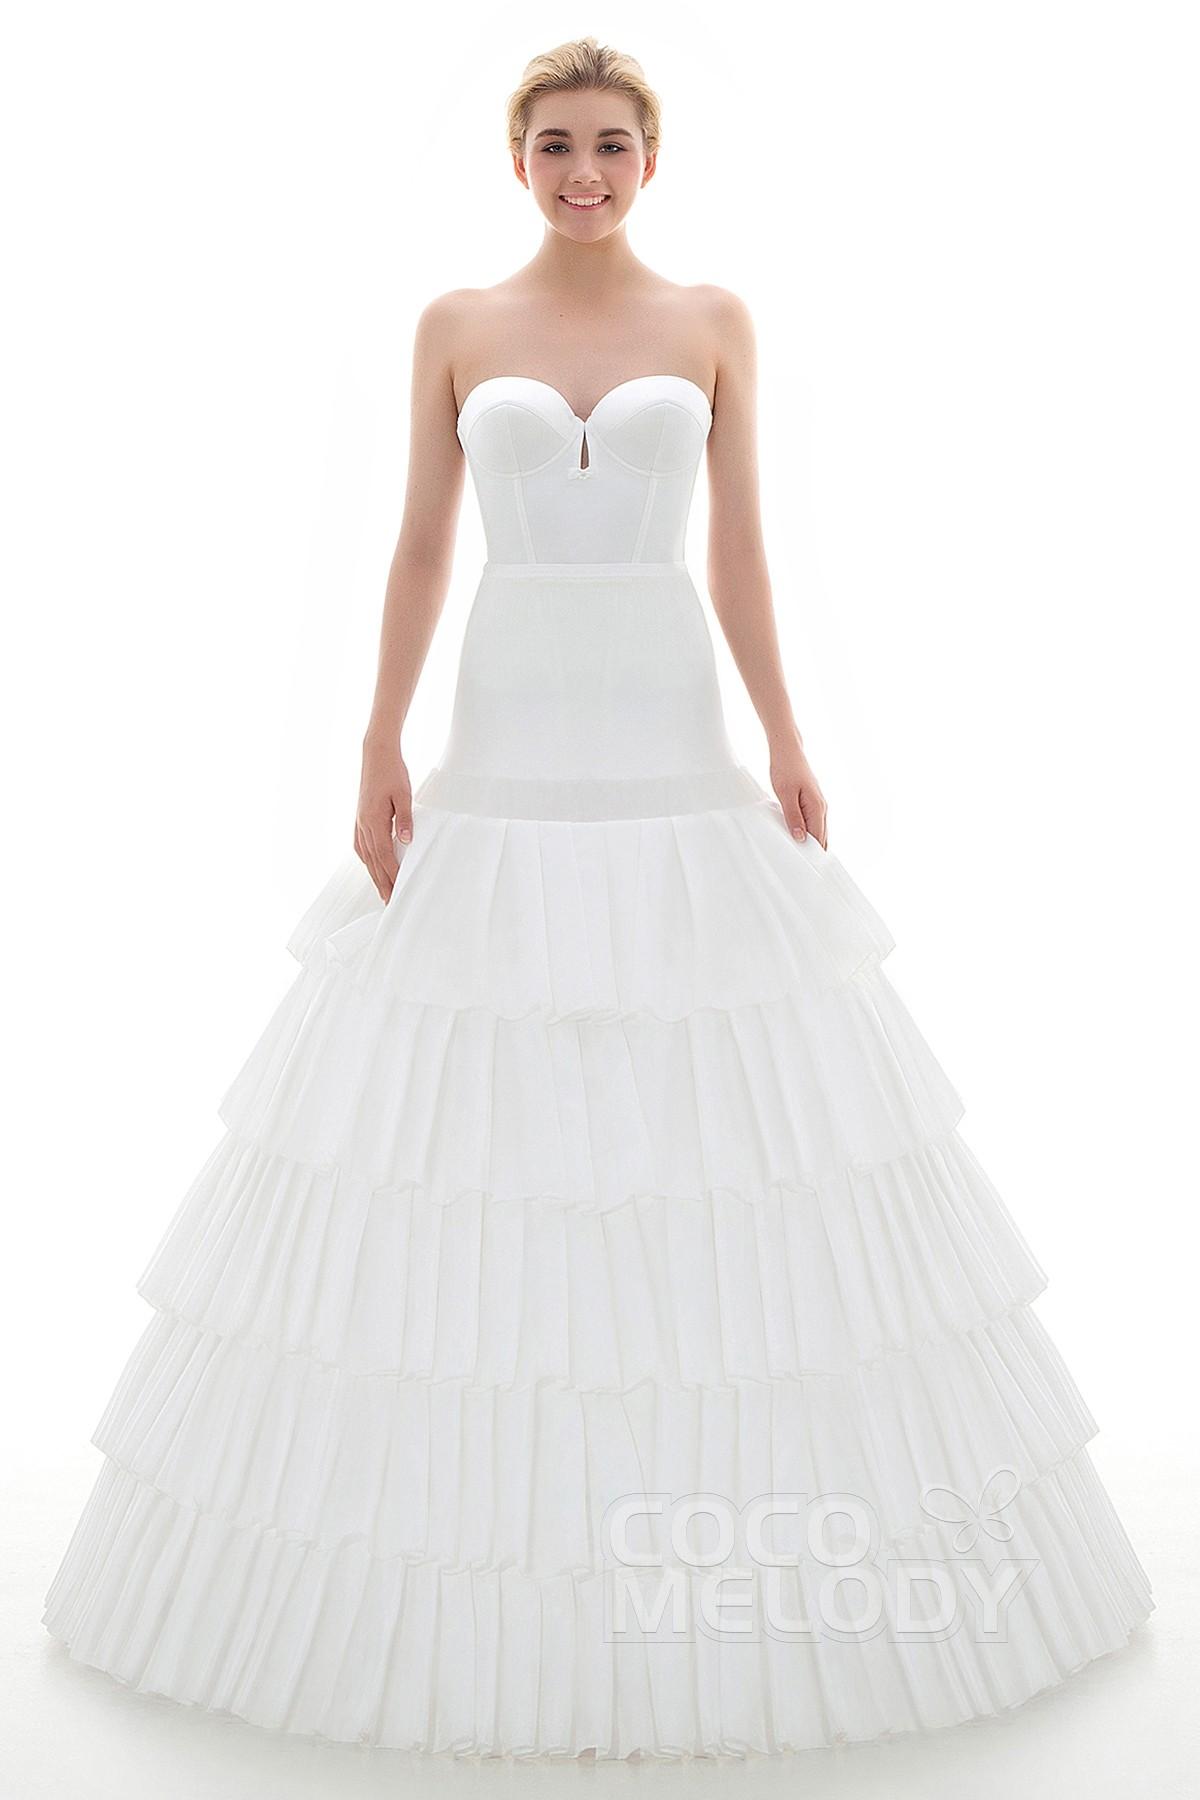 Ball Gown Taffeta Wedding Petticoats CP0016004   Cocomelody